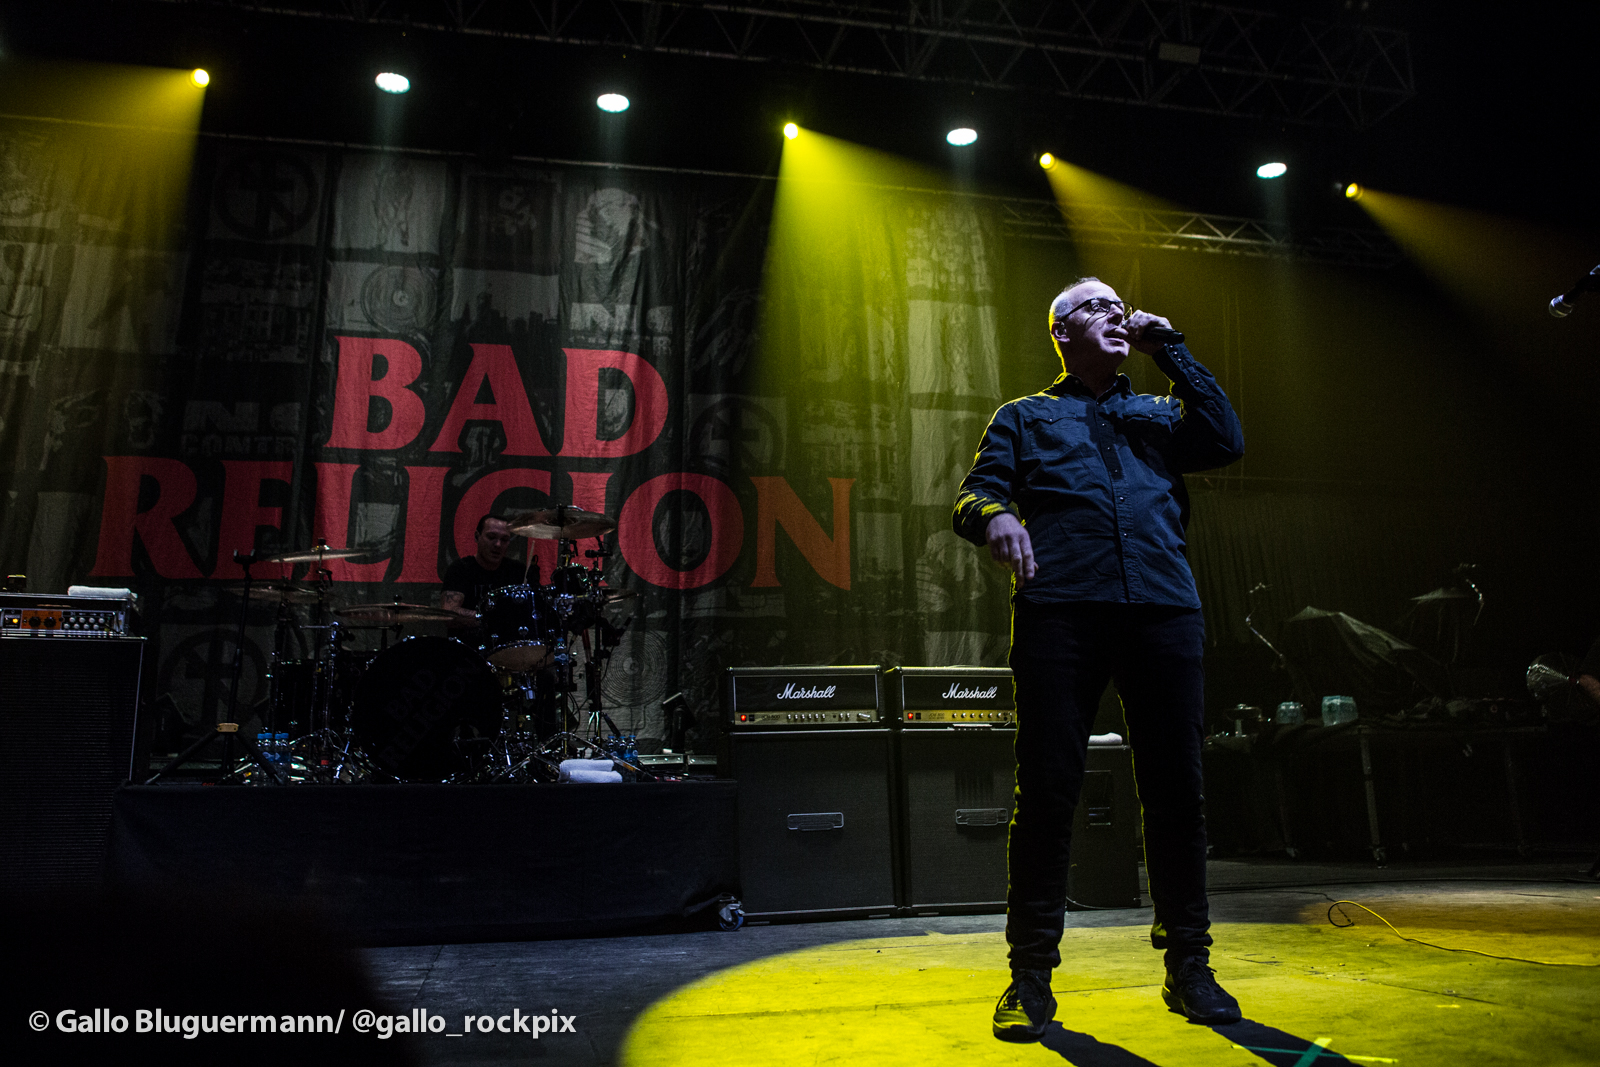 Galería de imágenes: Lo que dejó el paso de Bad Religion y The Offspring en Argentina - Radio Cantilo